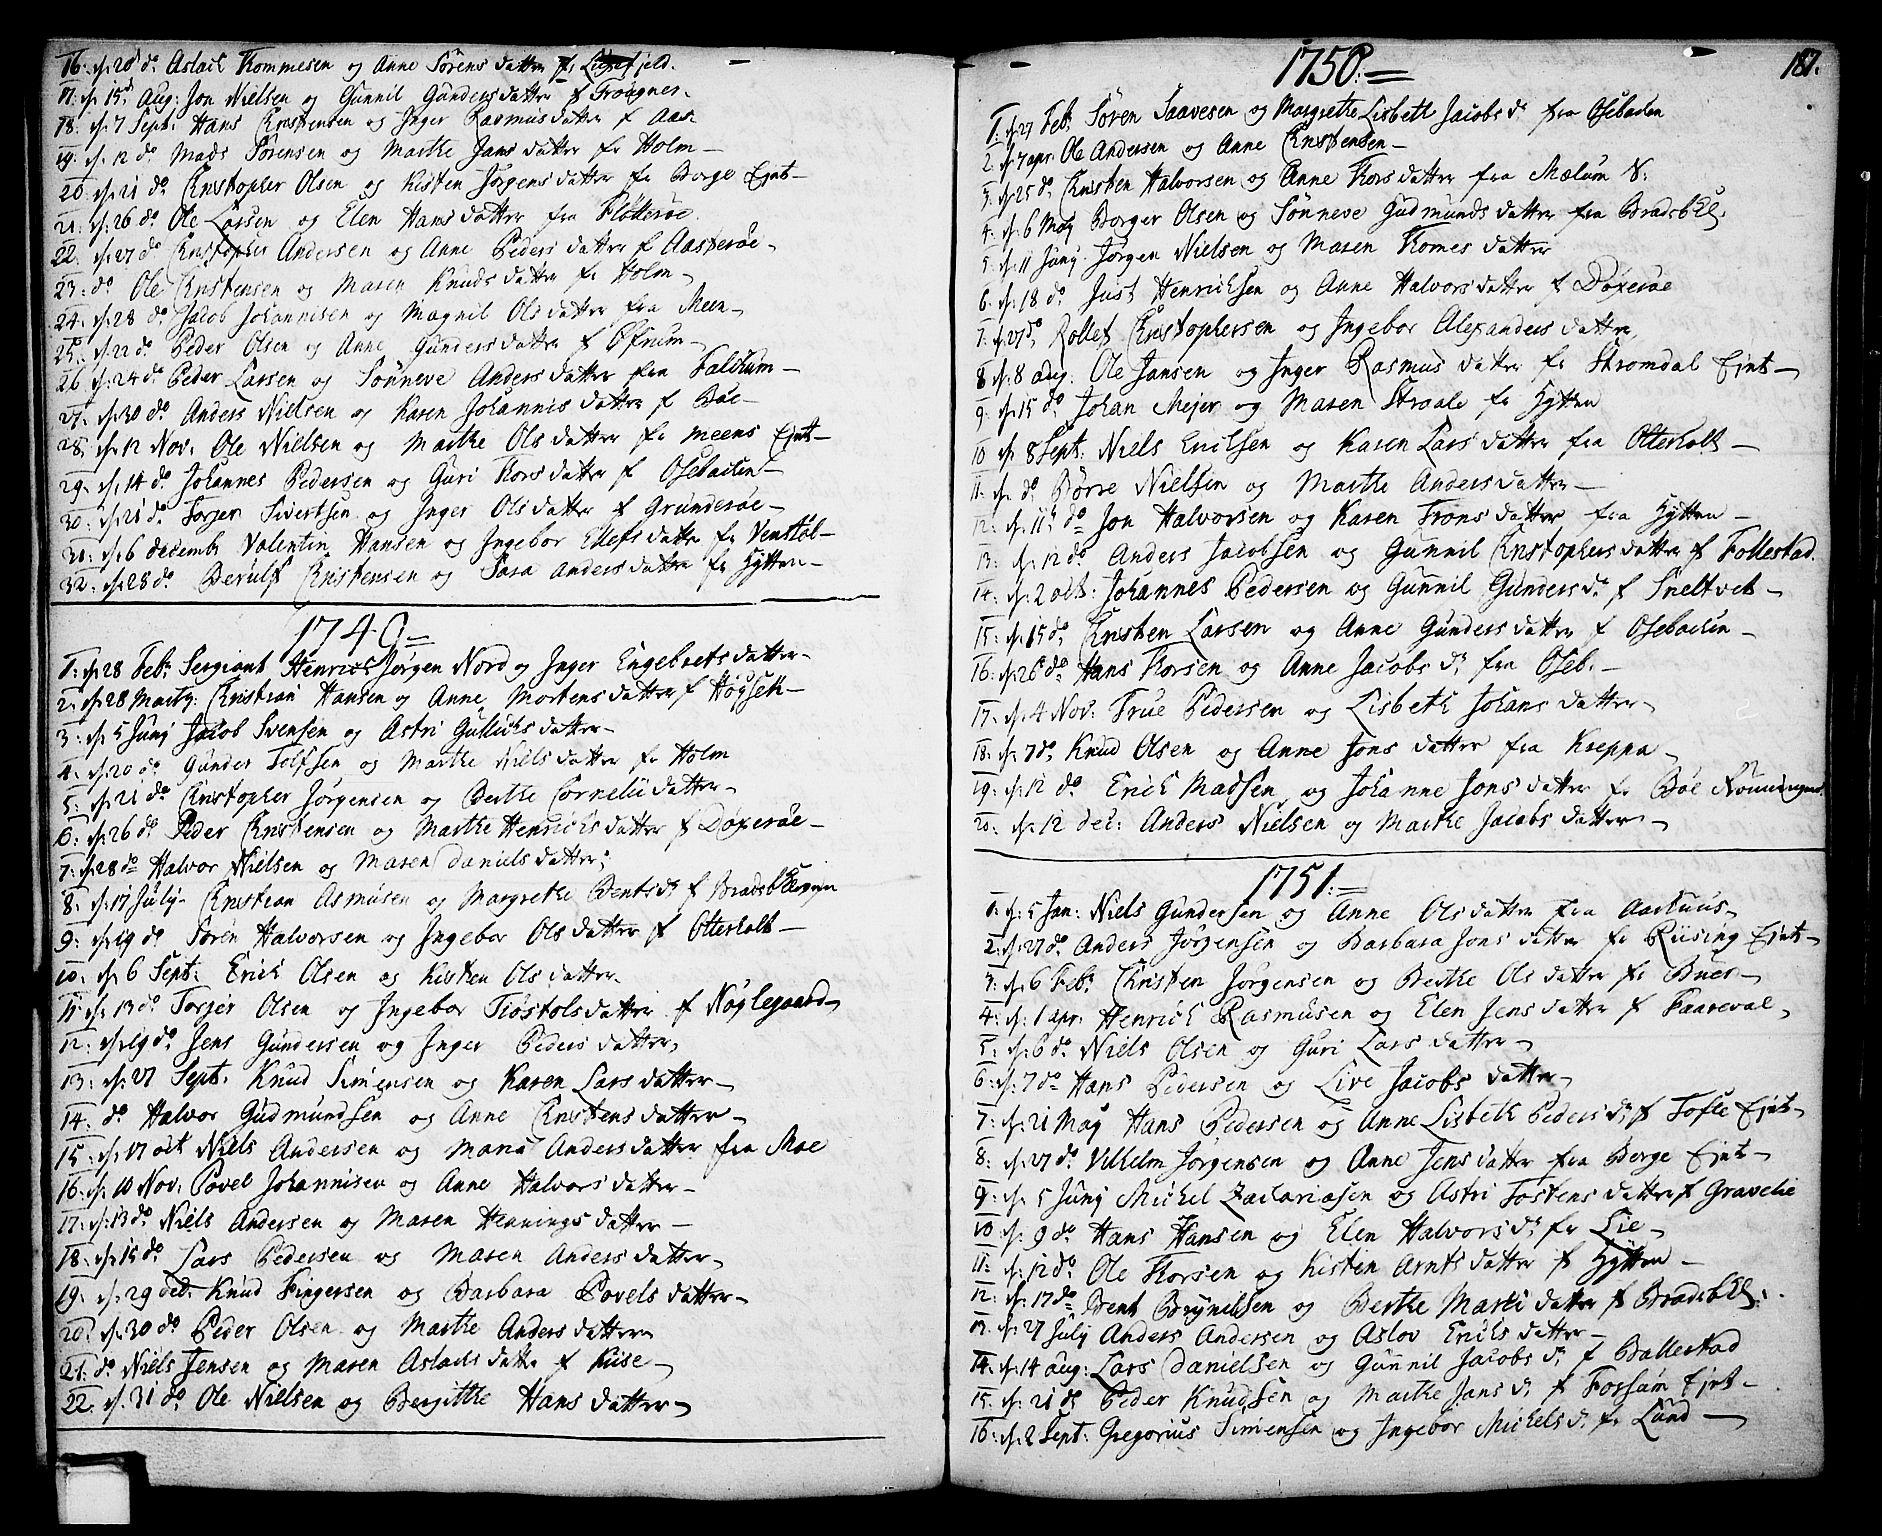 SAKO, Gjerpen kirkebøker, F/Fa/L0002: Ministerialbok nr. 2, 1747-1795, s. 187